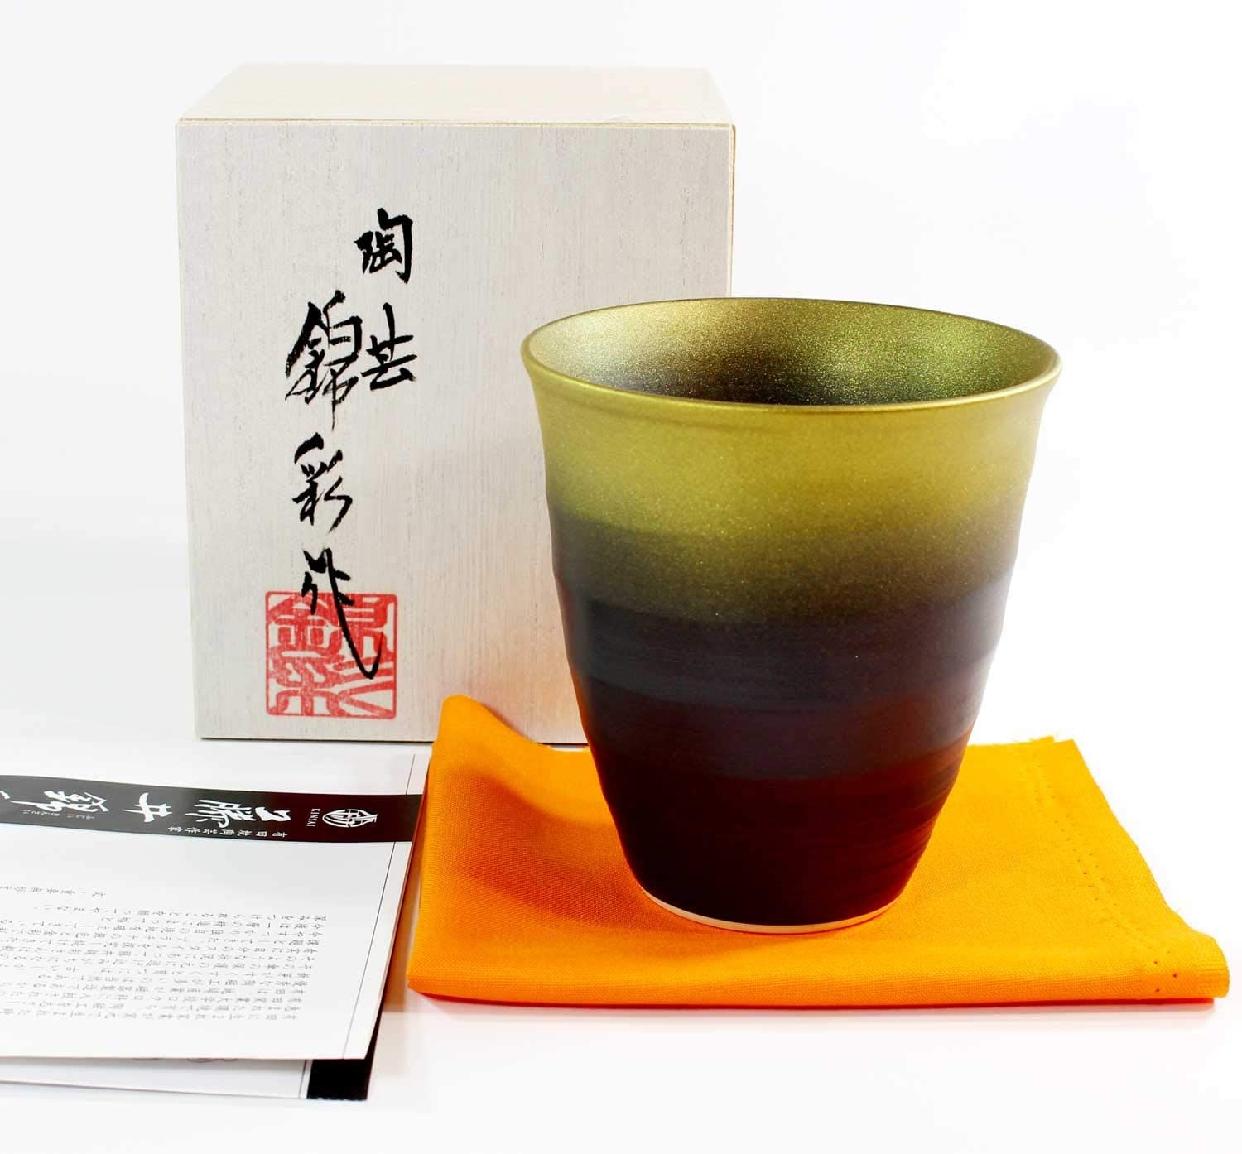 藤井錦彩窯(ふじいきんさい)窯変金彩焼酎カップの商品画像2